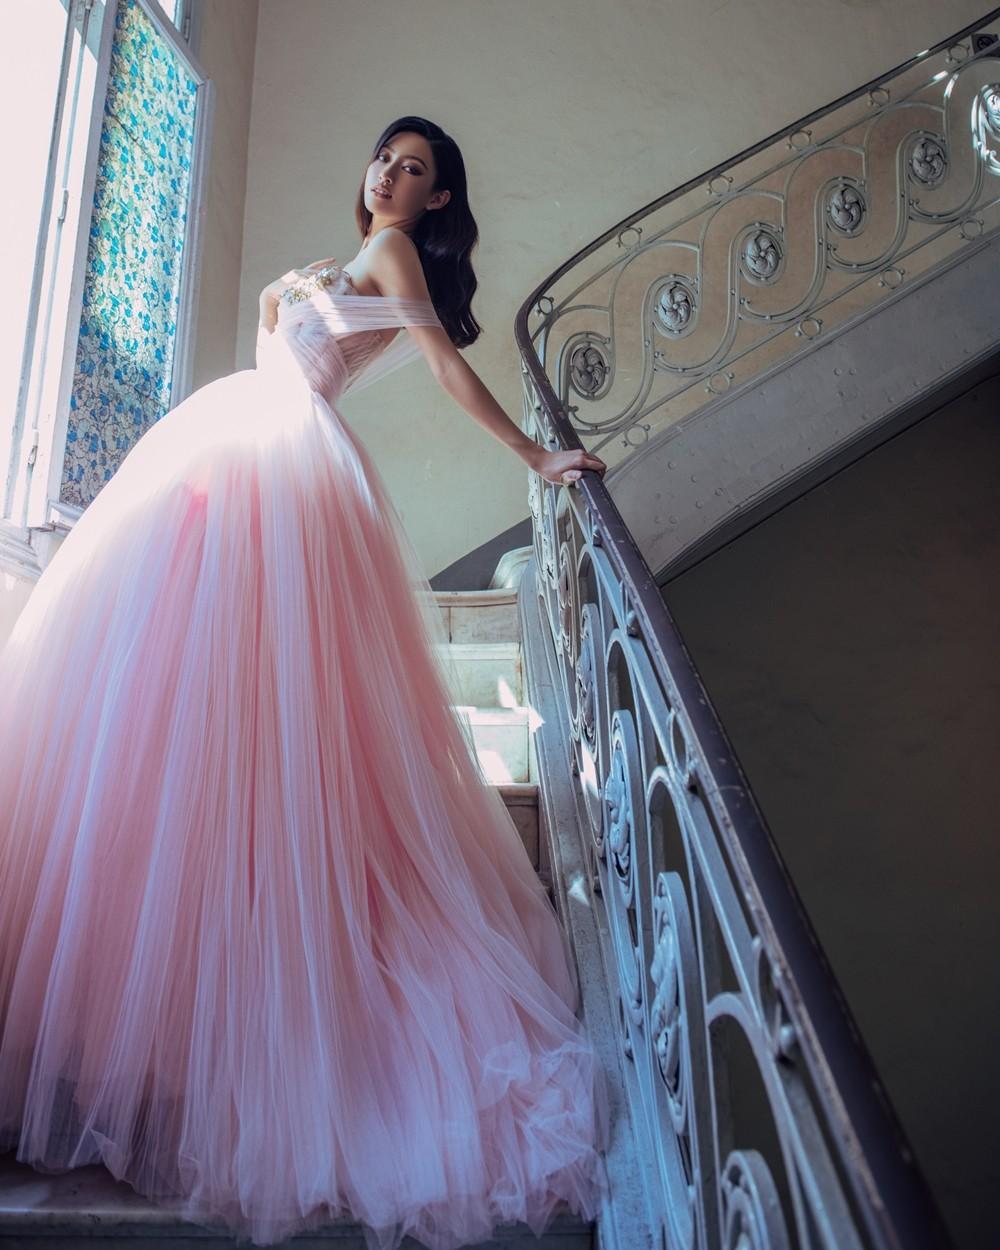 Hoa hậu Lương Thùy Linh khoe đôi chân 1m22 thon dài hiếm có trong bộ ảnh thời trang mới ảnh 2